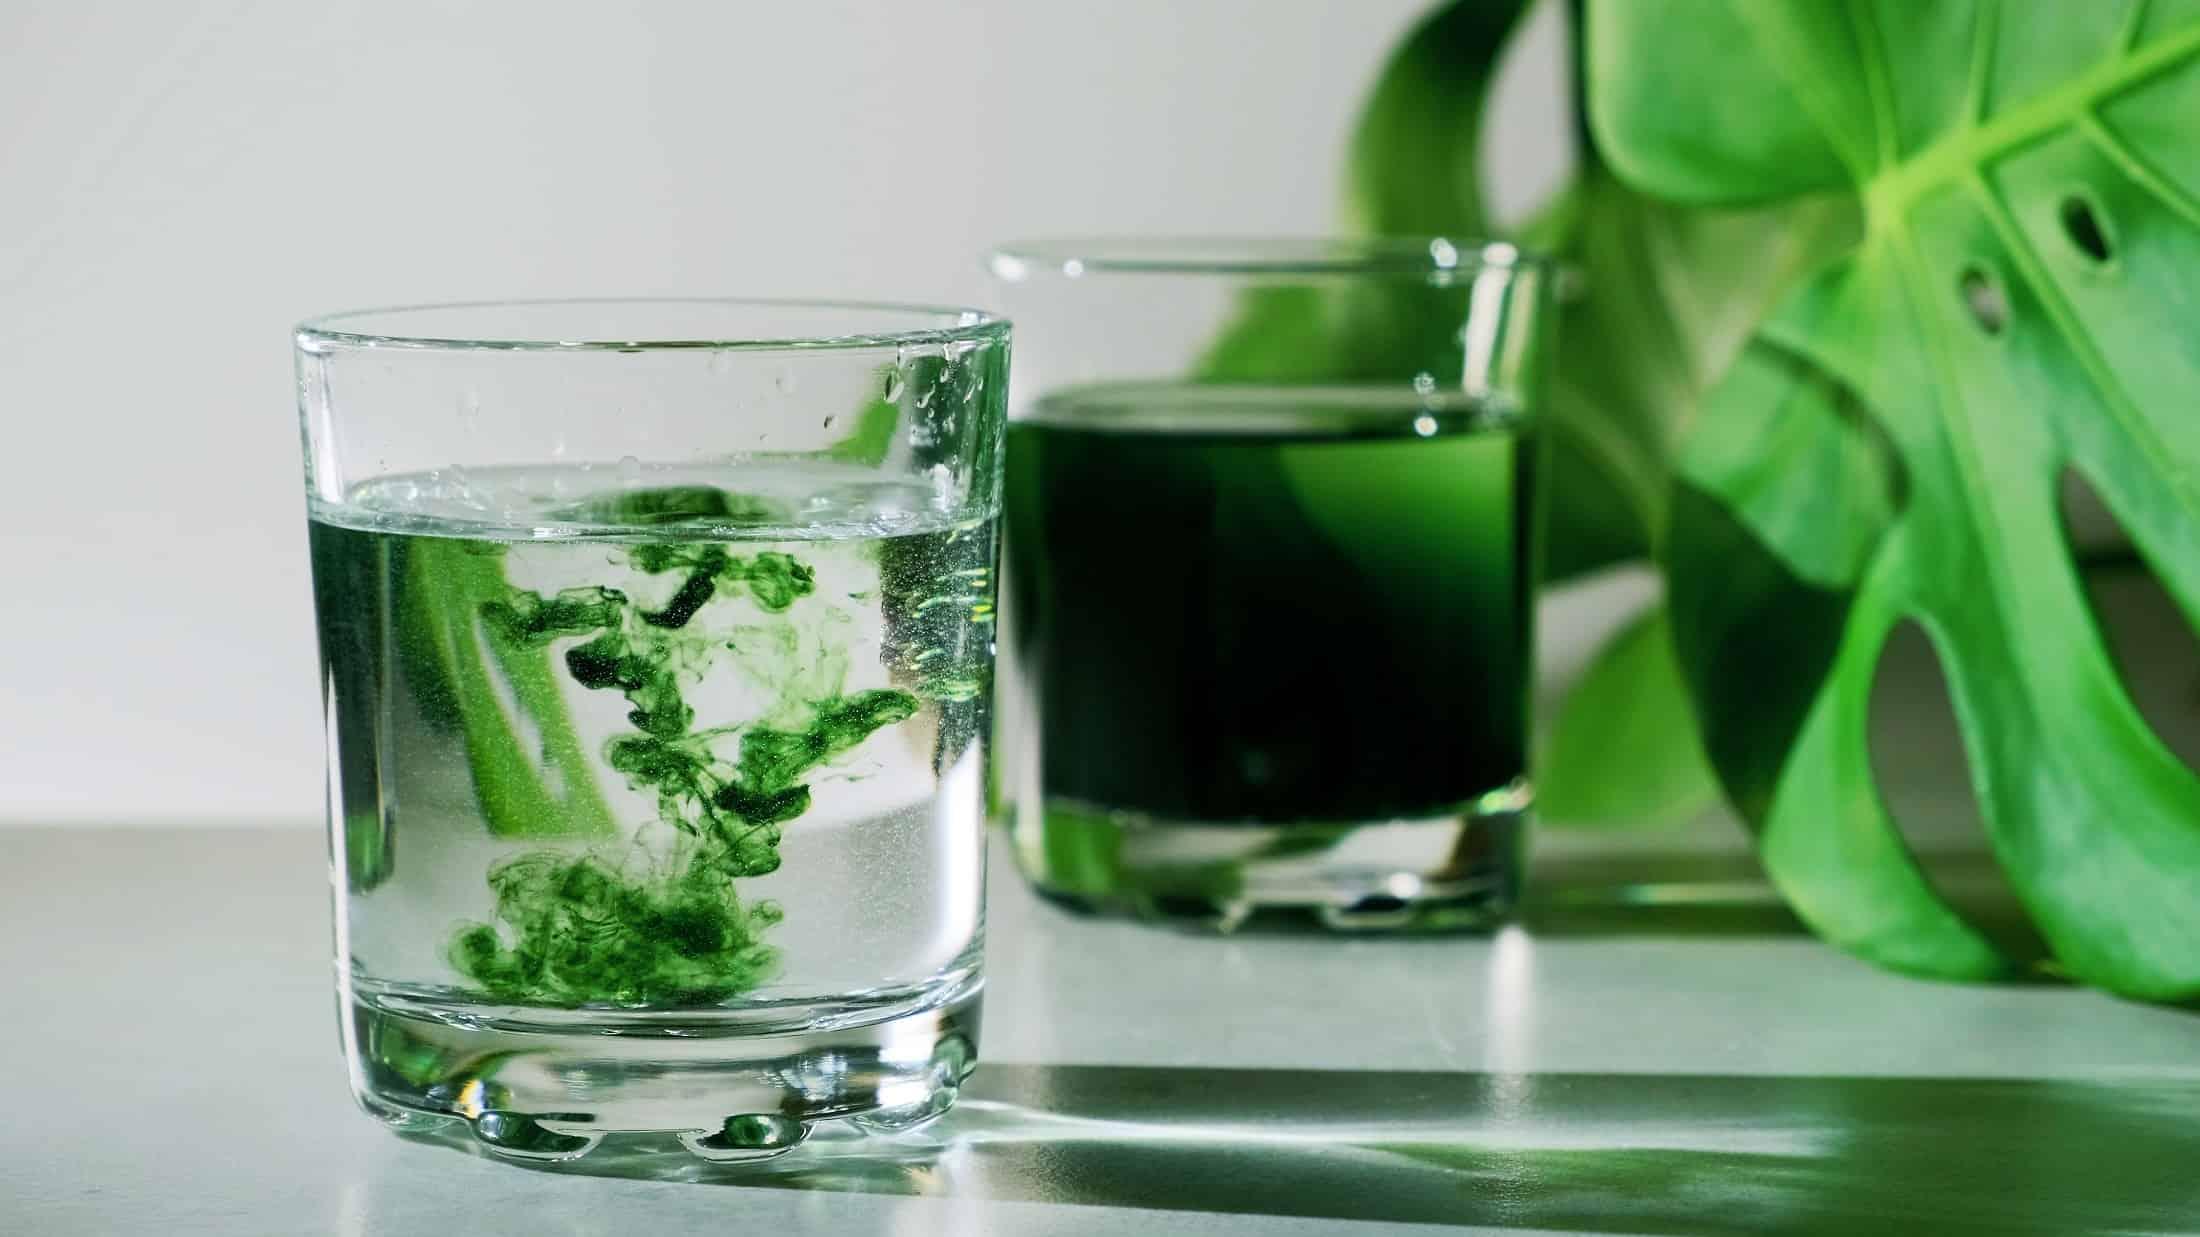 Chlorofil do picia – dlaczego aktualnie większość wplata go do swoich zdrowotnych rytuałów?